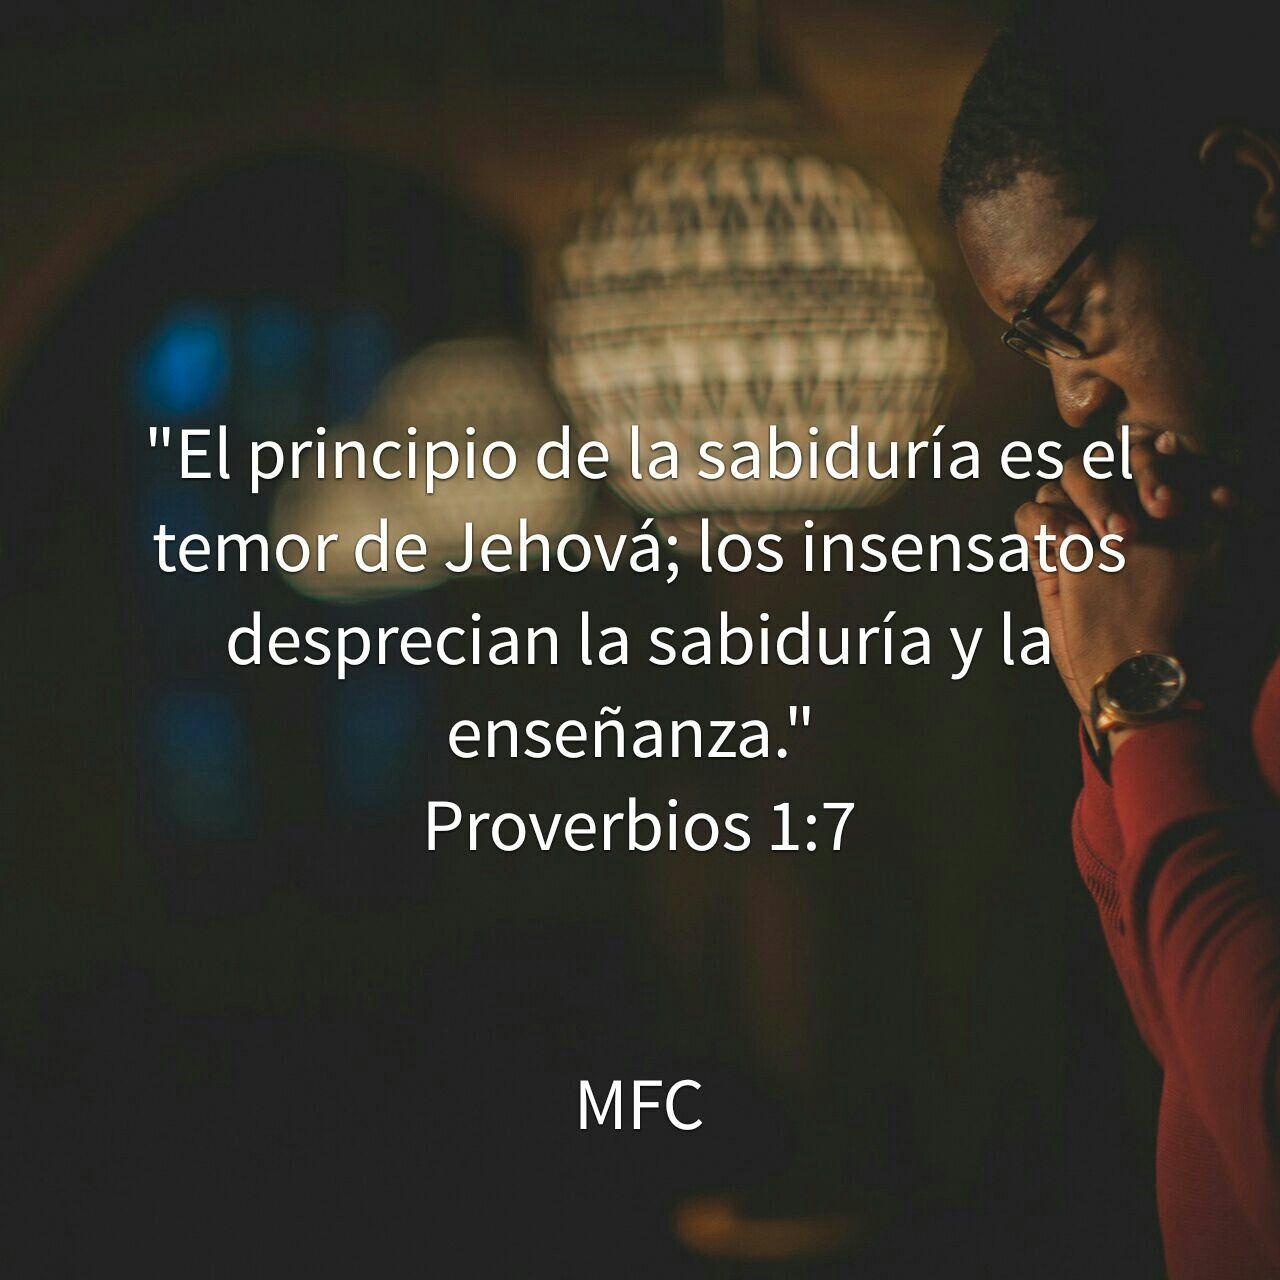 Versiculos De La Biblia De Animo: PORQUE LA SABIDURÍA VIENE DE JEHOVÁ #MFuerteClamor #MFC